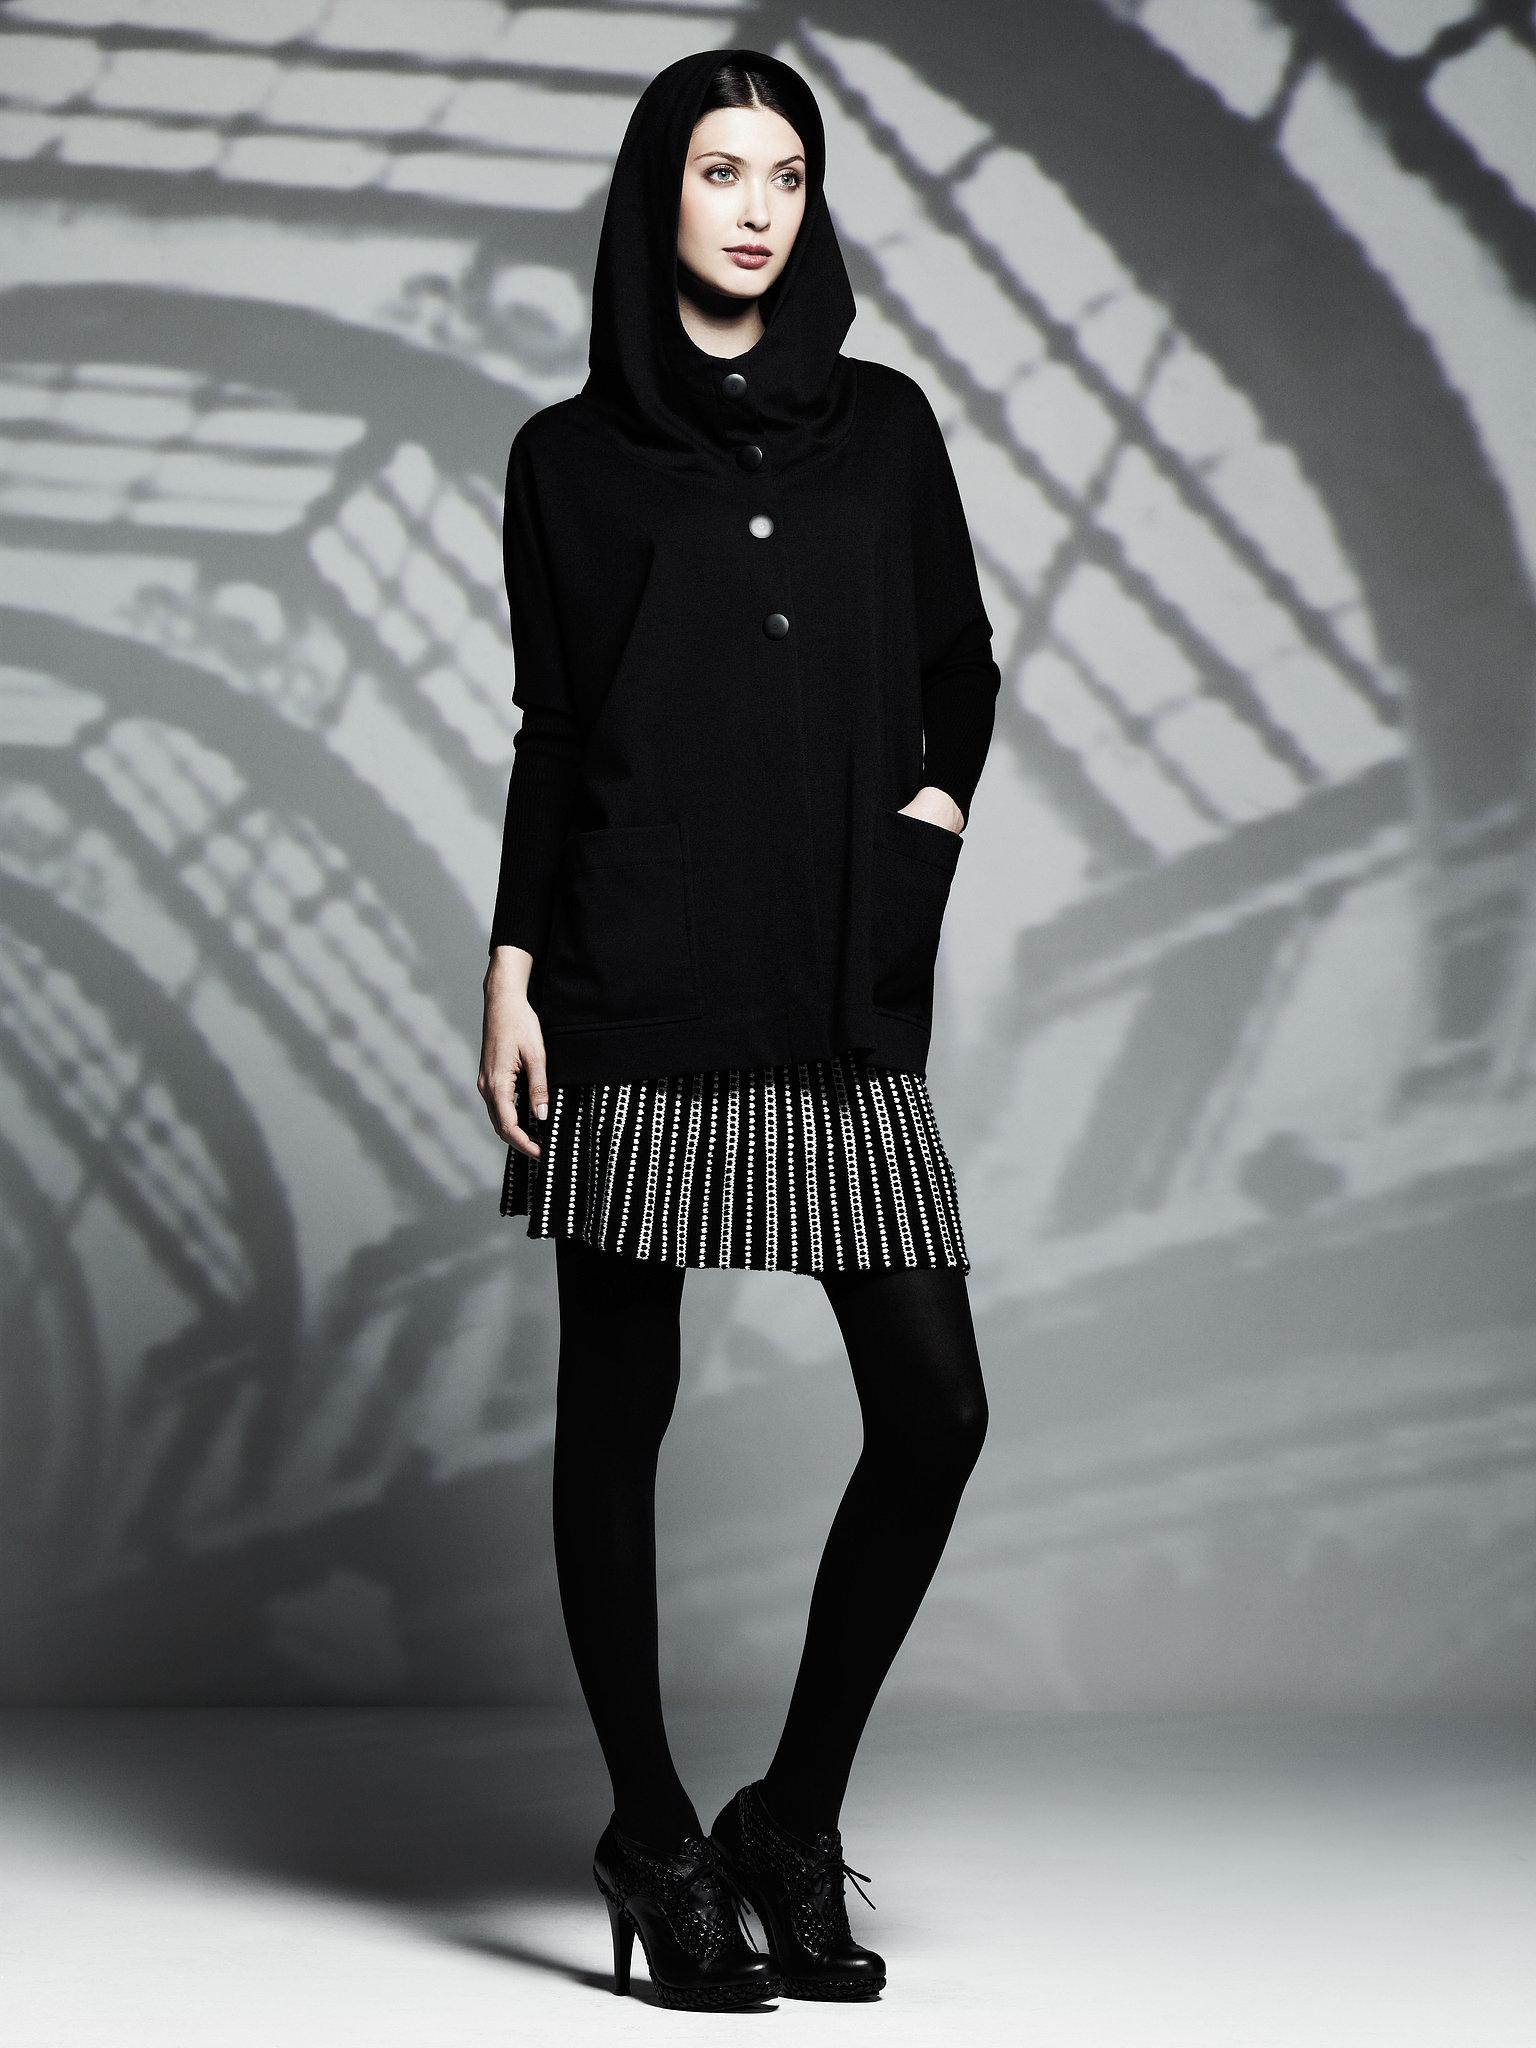 Oversized Hooded Jacket ($78), Sweater Skirt ($54) Photo courtesy of Kohl's